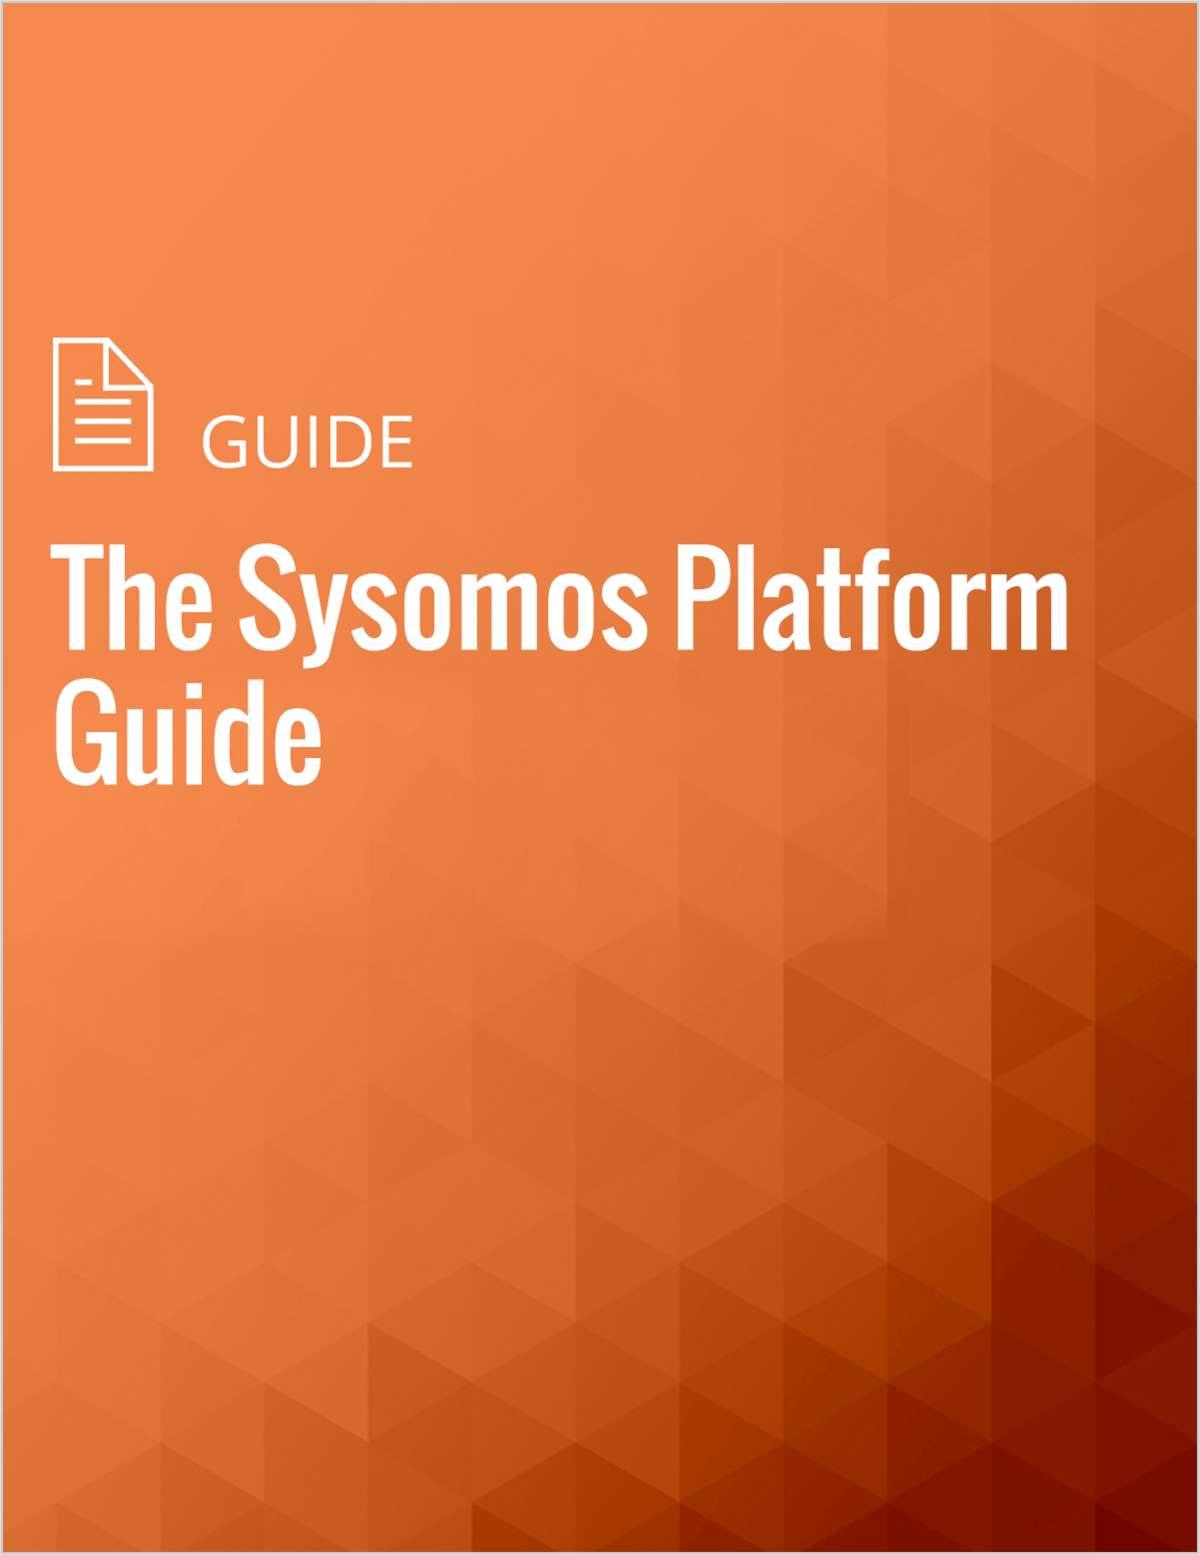 The Sysomos Platform Guide